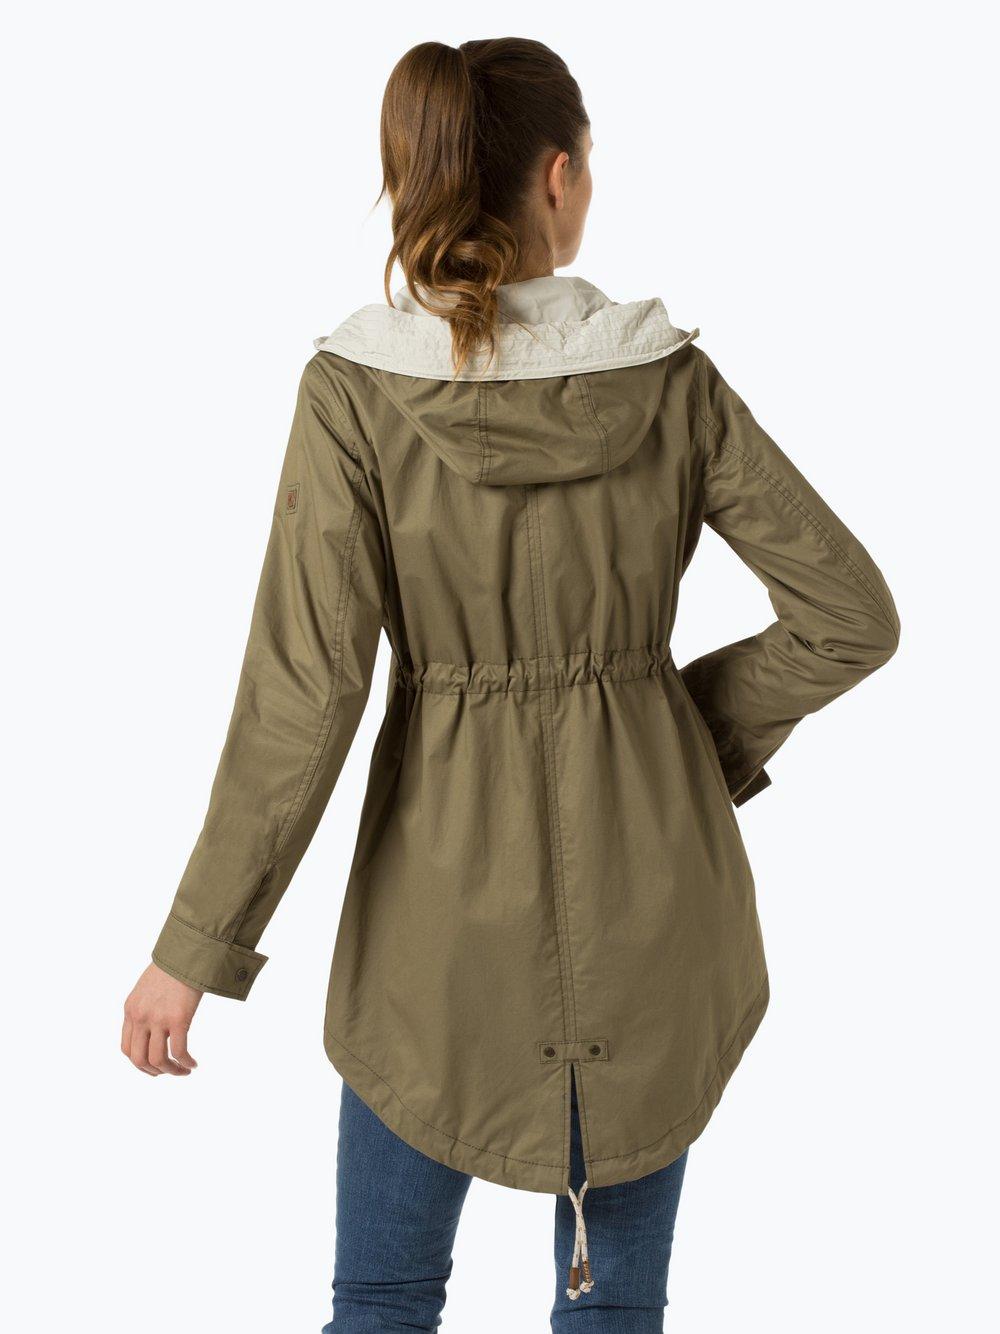 COM 1 Camel in kaufenVANGRAAF Active 3 Jacke Herren online